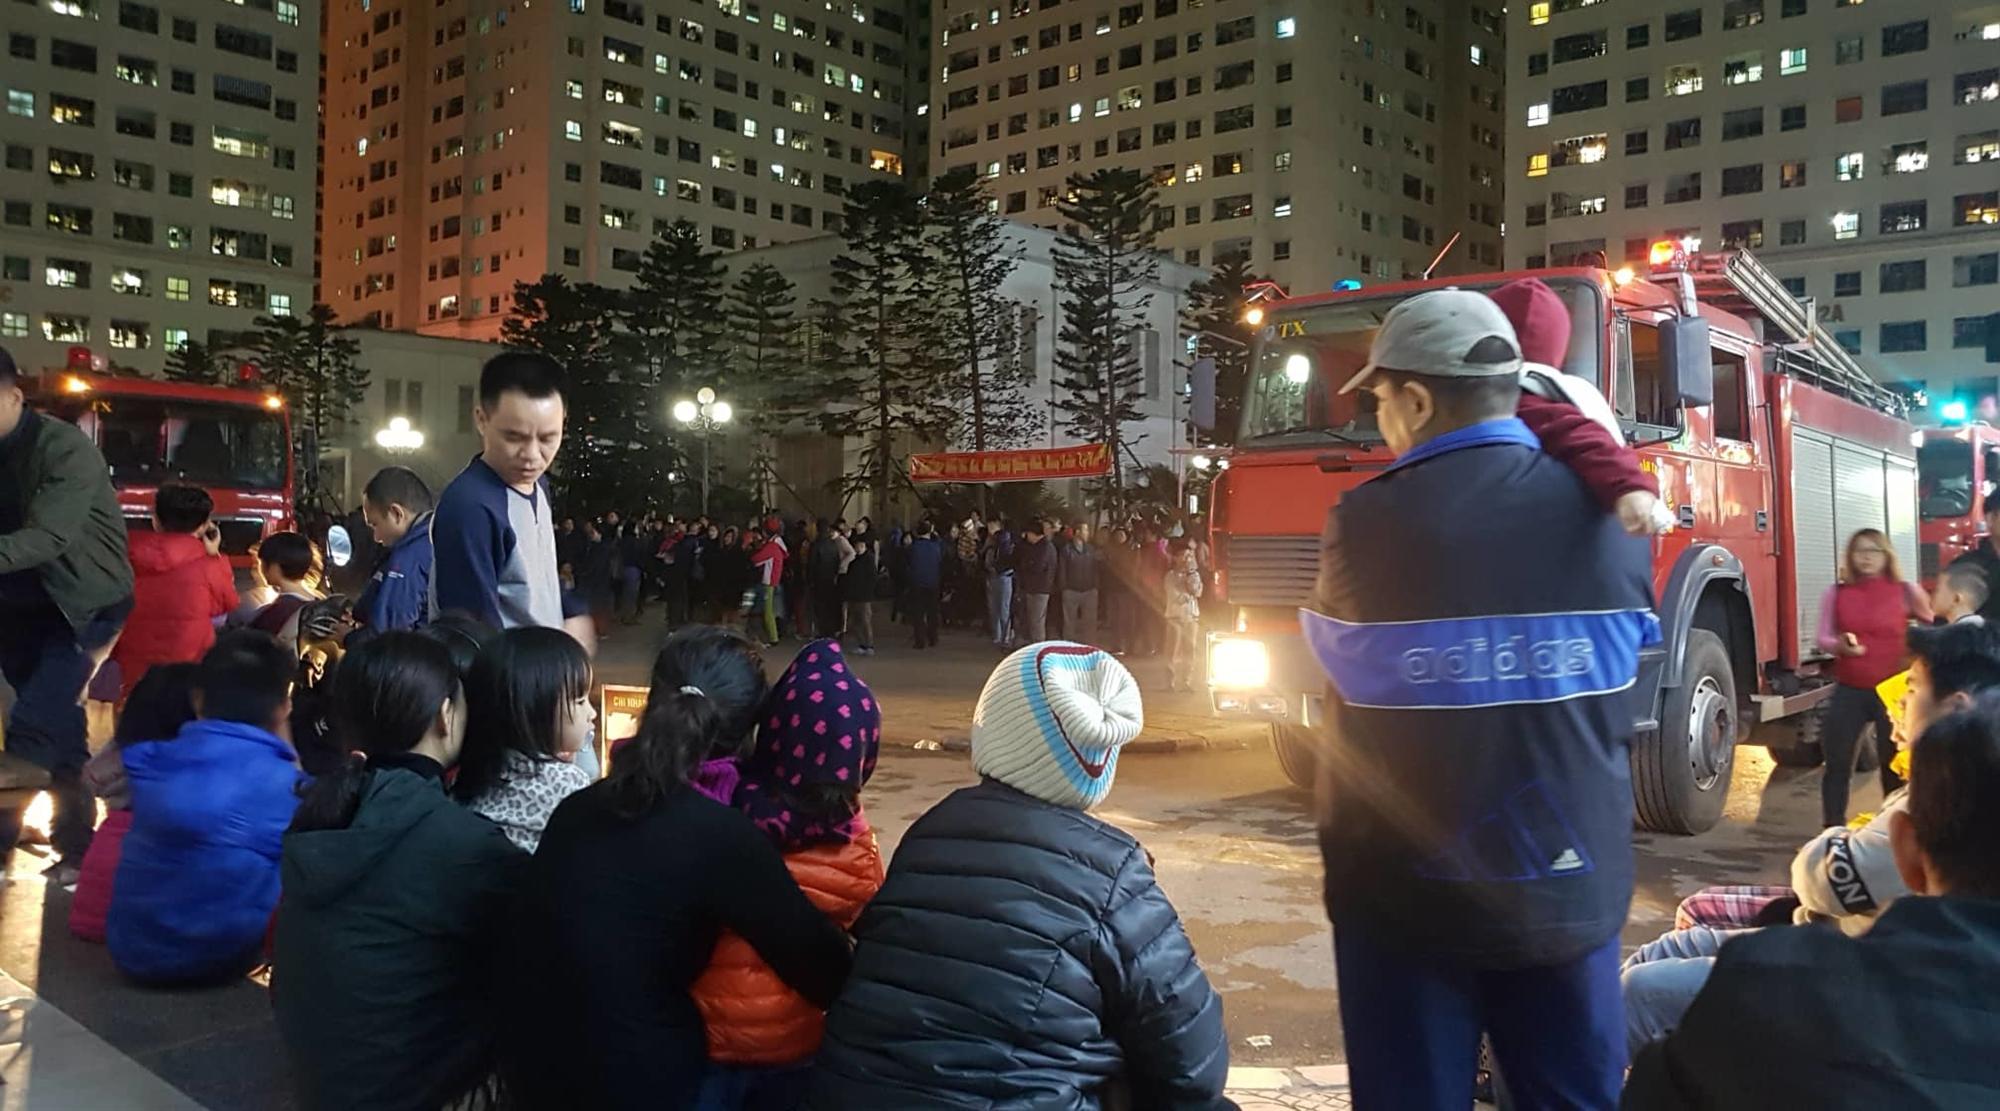 Cháy tầng 15 chung cư Linh Đàm, trăm người chạy lao xuống đất lánh nạn-5